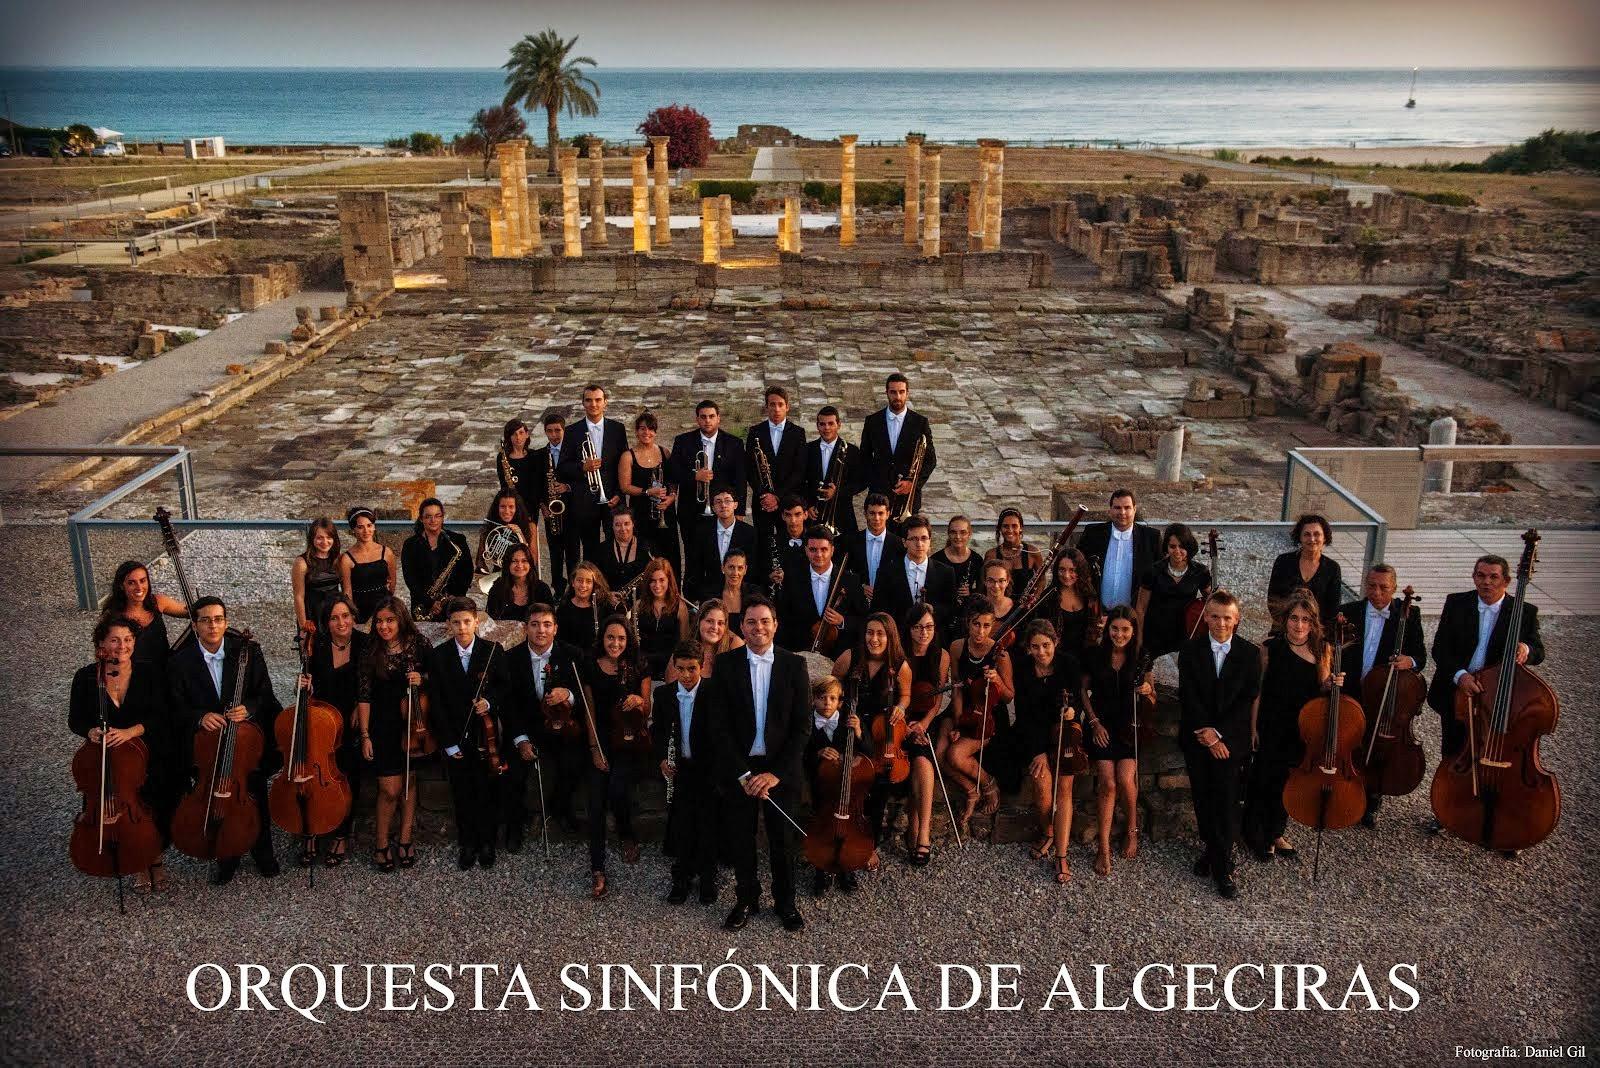 esta noche Español besando en Algeciras